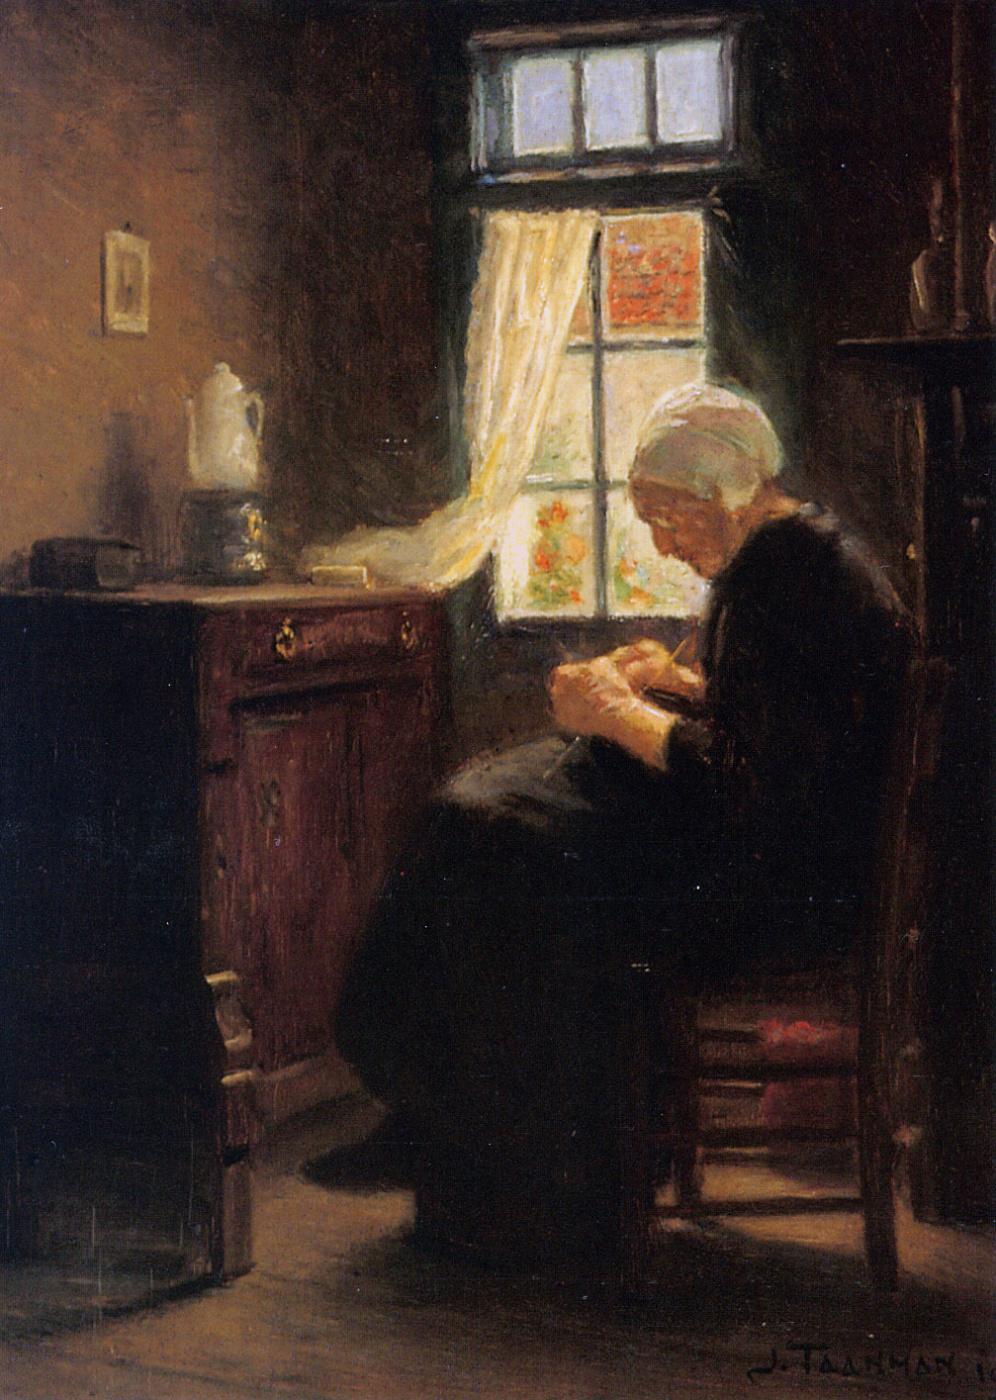 Jacob Taanmann. An elderly woman